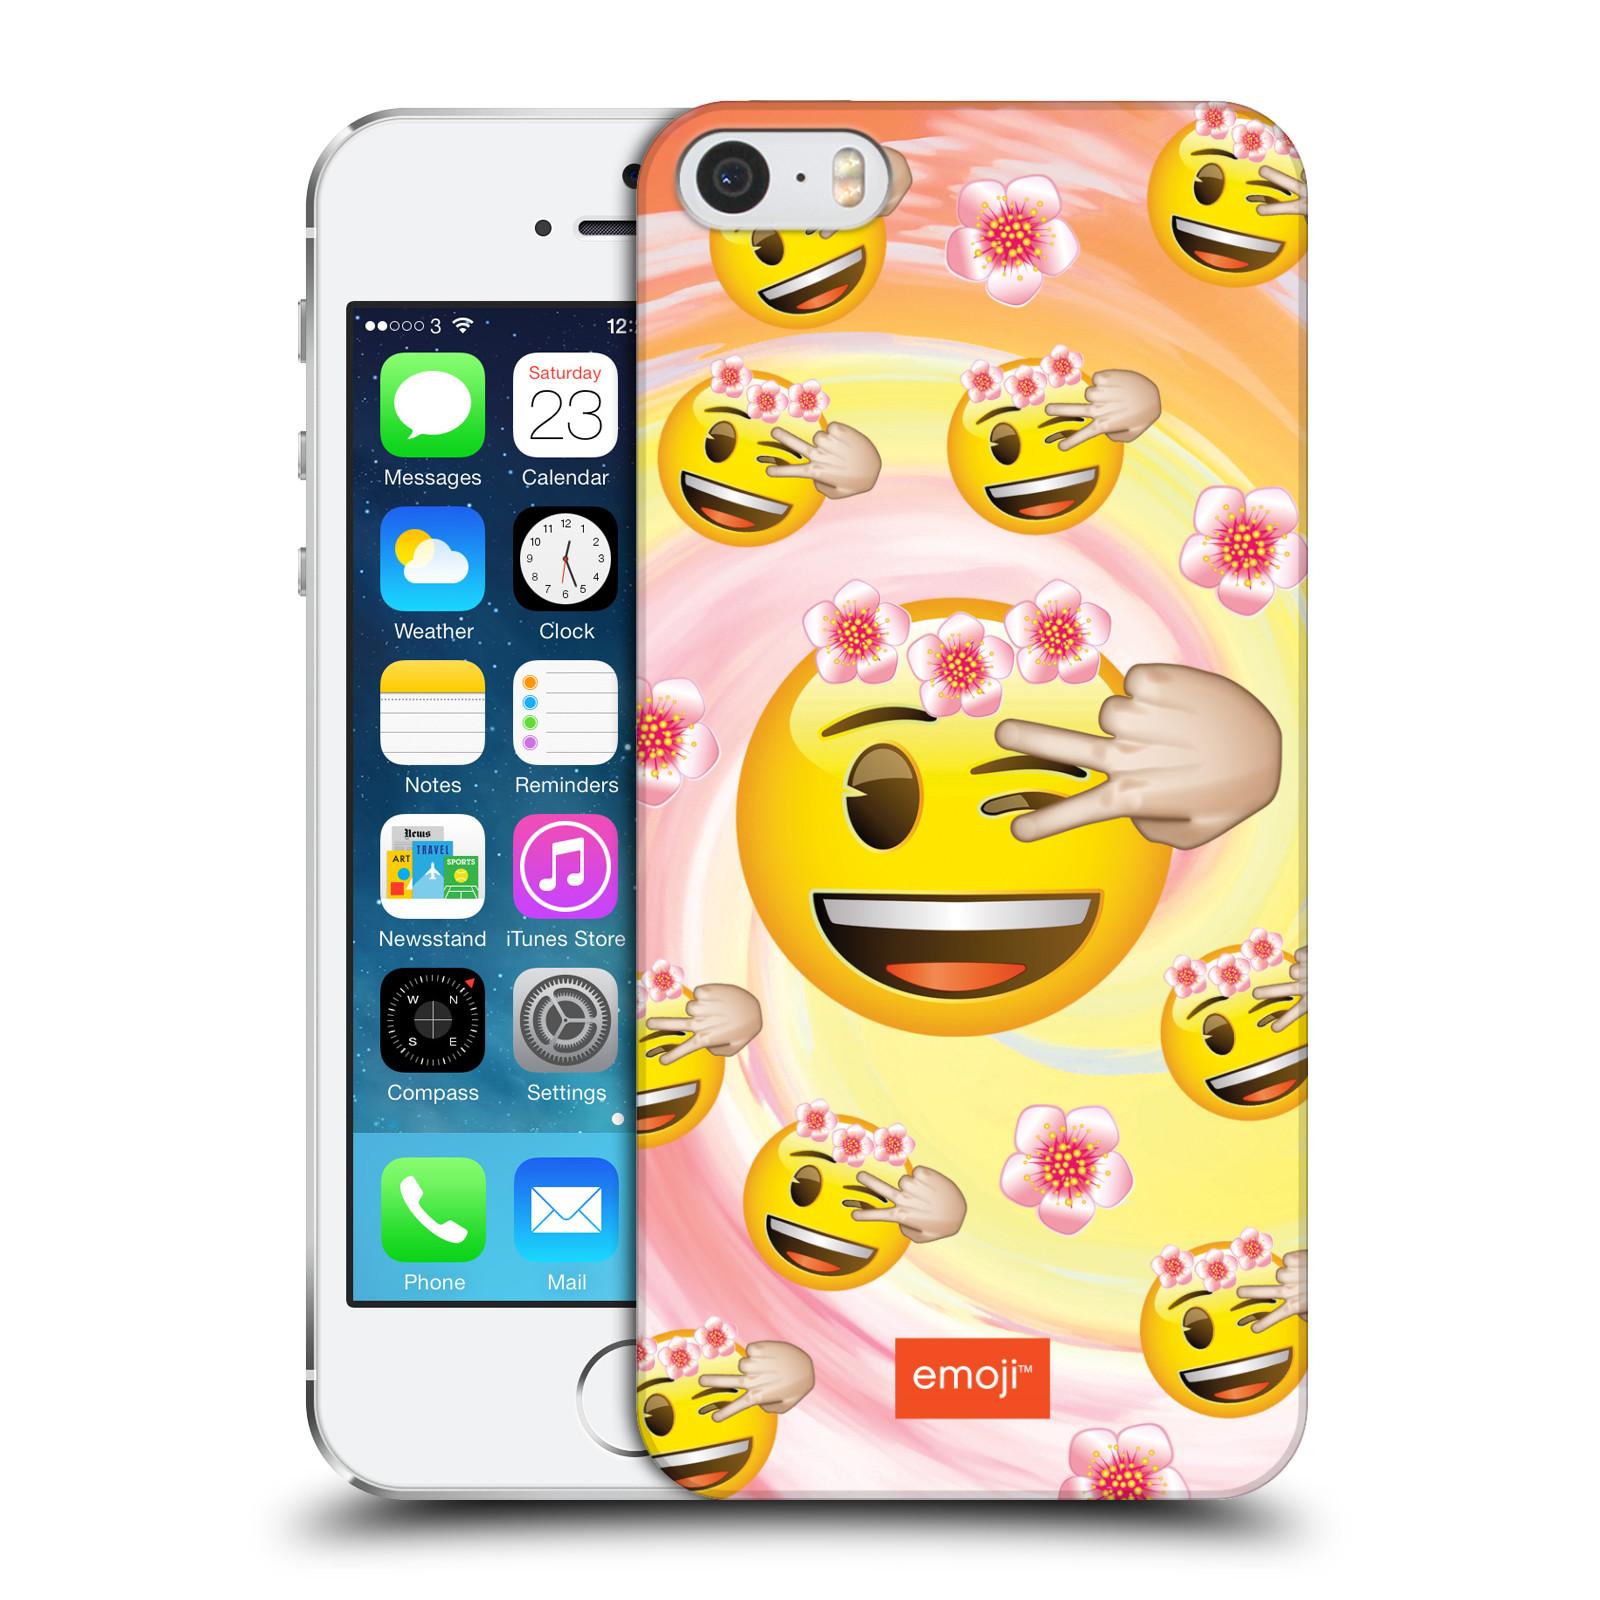 Plastové pouzdro na mobil Apple iPhone SE, 5 a 5S HEAD CASE EMOJI - Mrkající smajlíci a kytičky